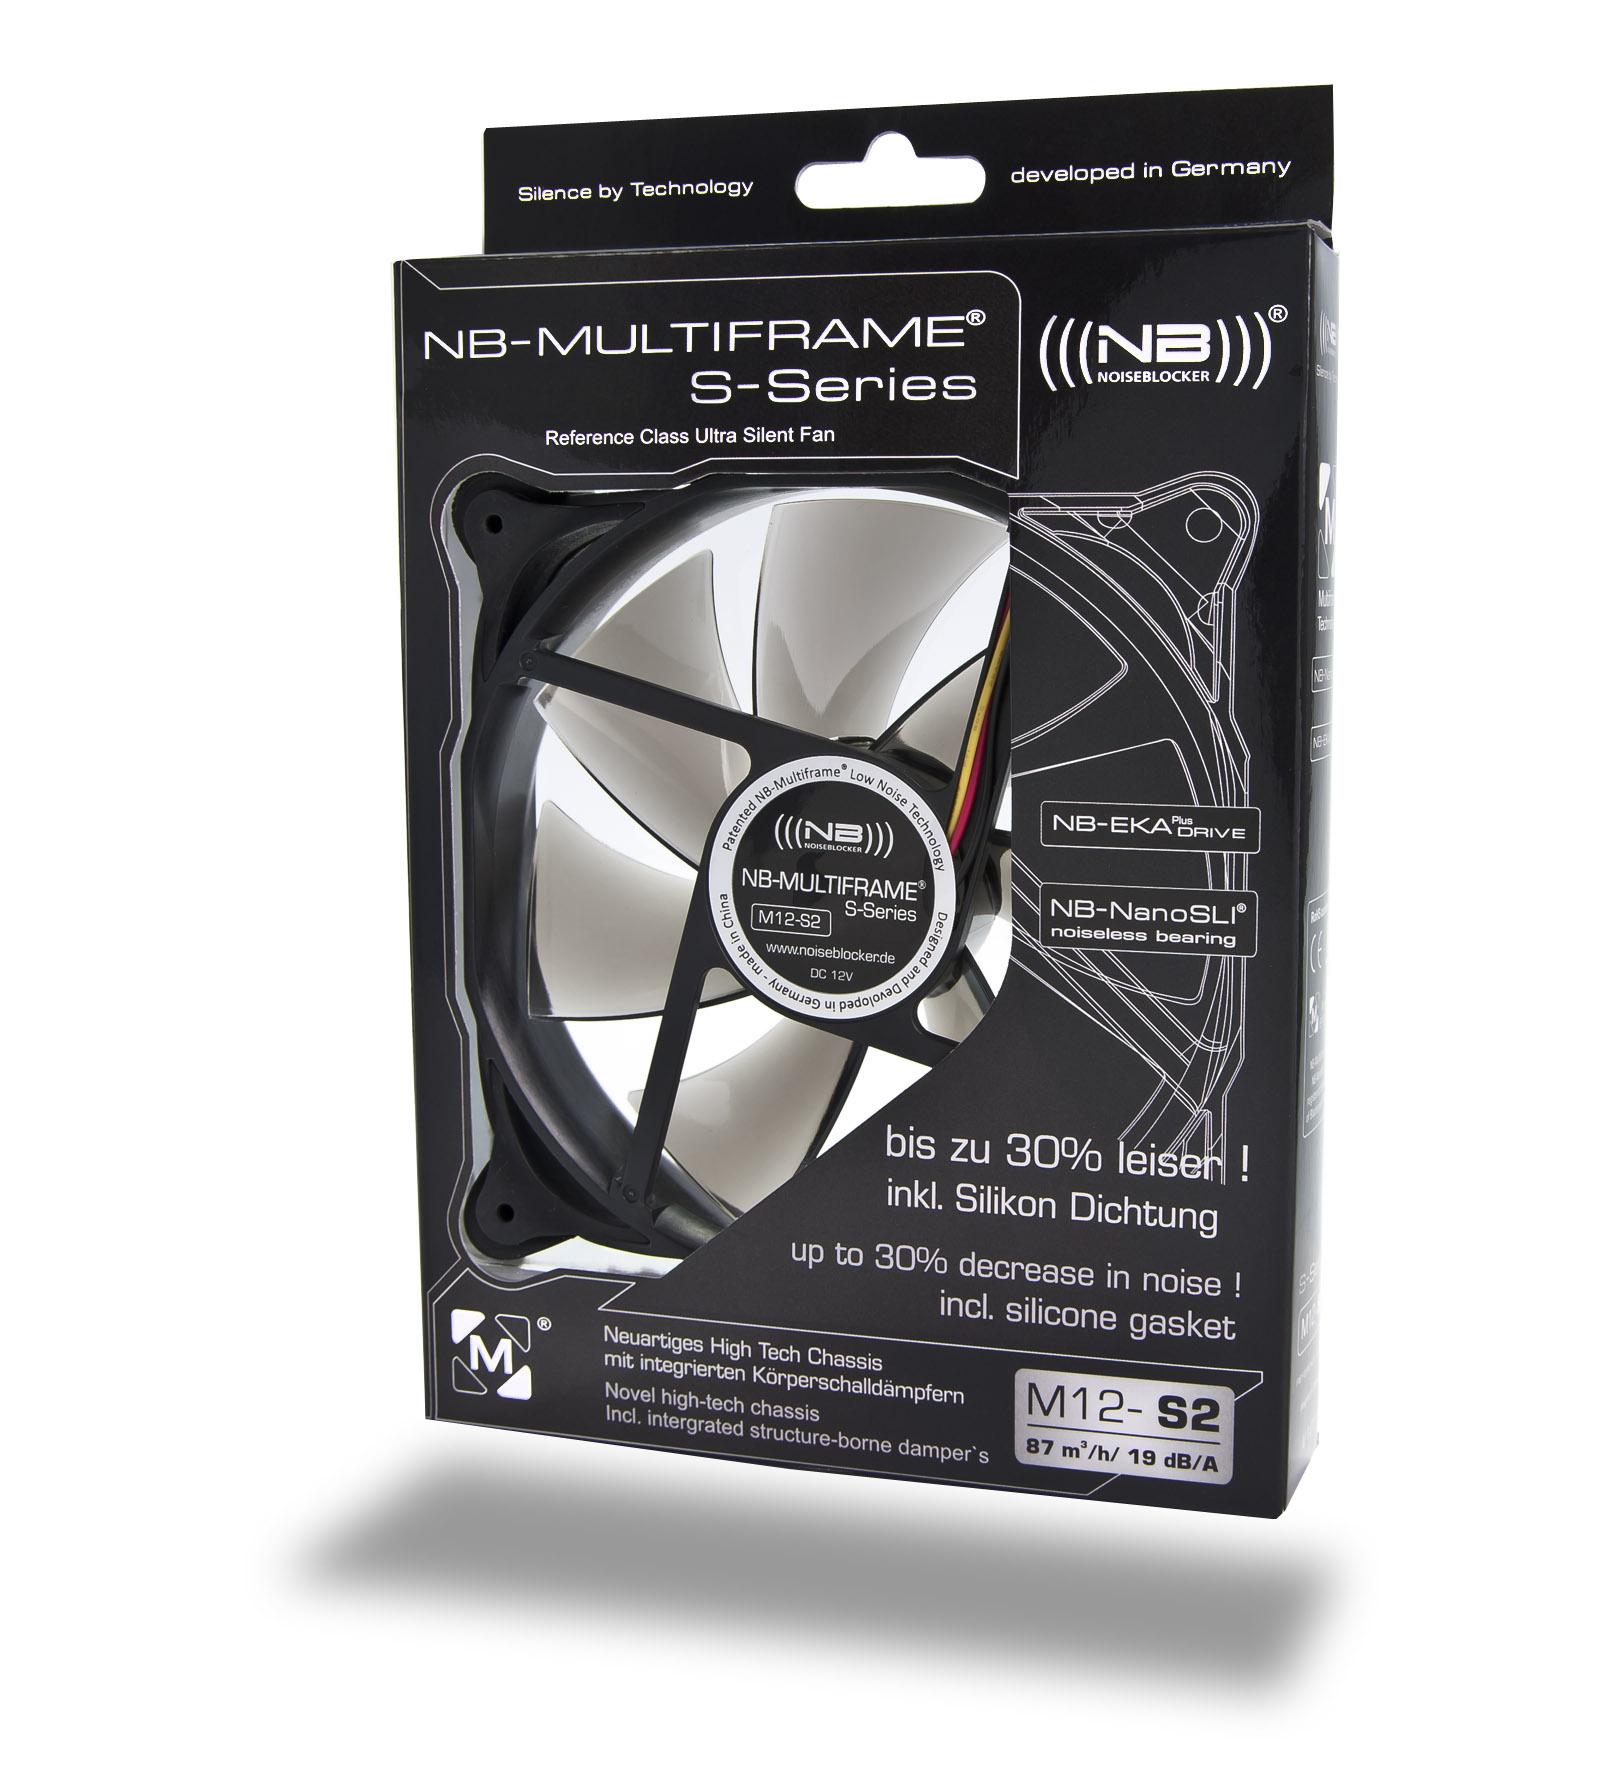 Noiseblocker Multiframe S-Series M12-S2 Fan - 120mm (1250rpm)